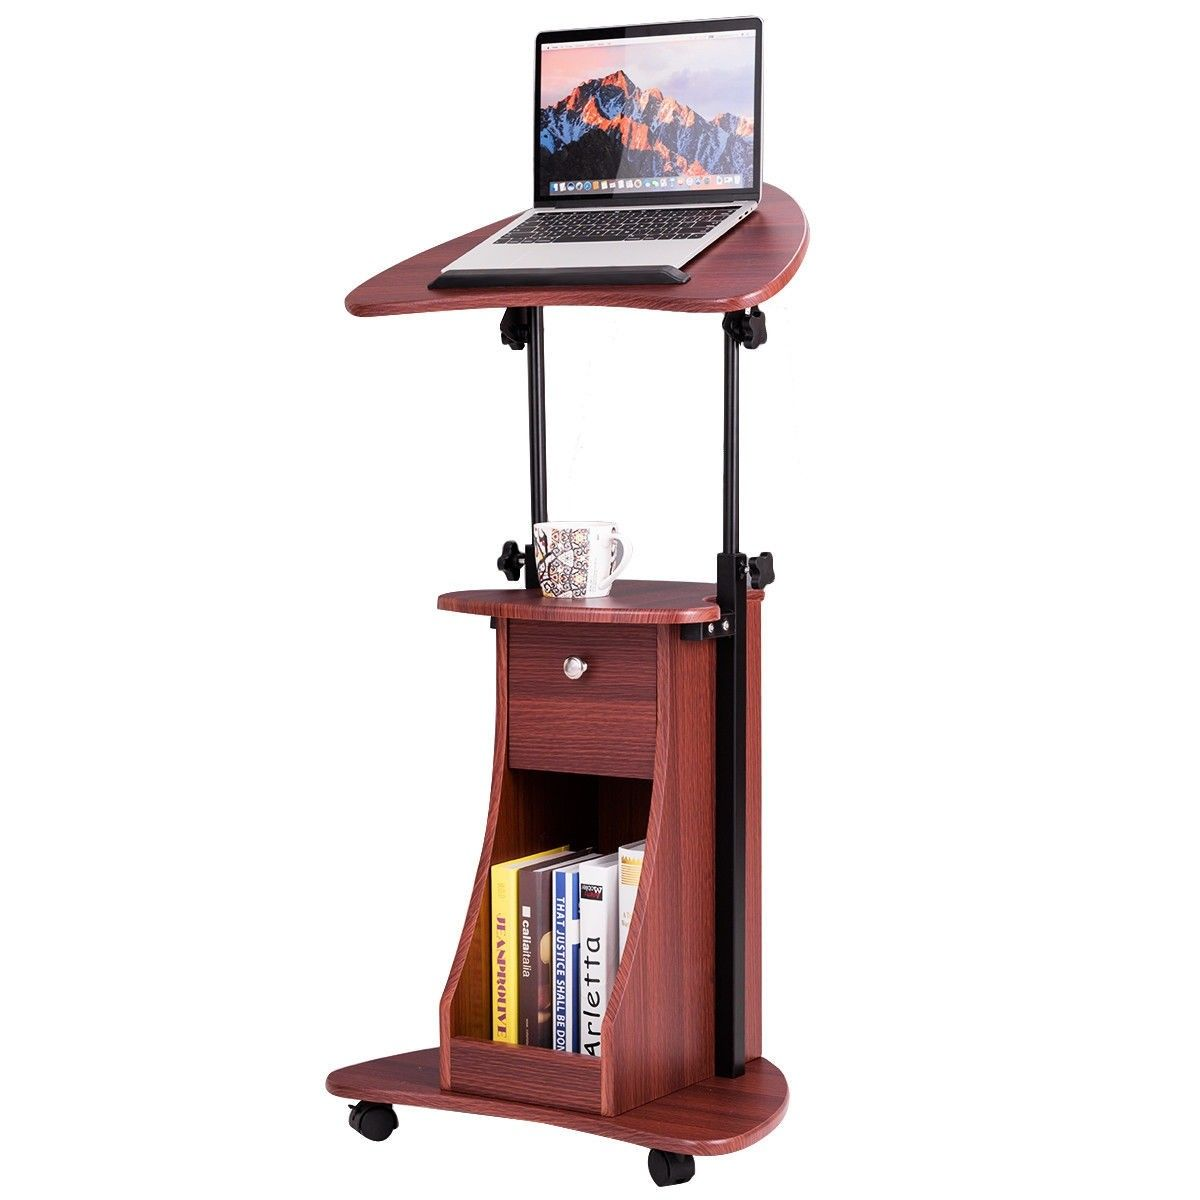 32 To 46 Height Adjustable Tilt Top Laptop Computer Desk Desk Laptop Desk Adjustable Height Desk